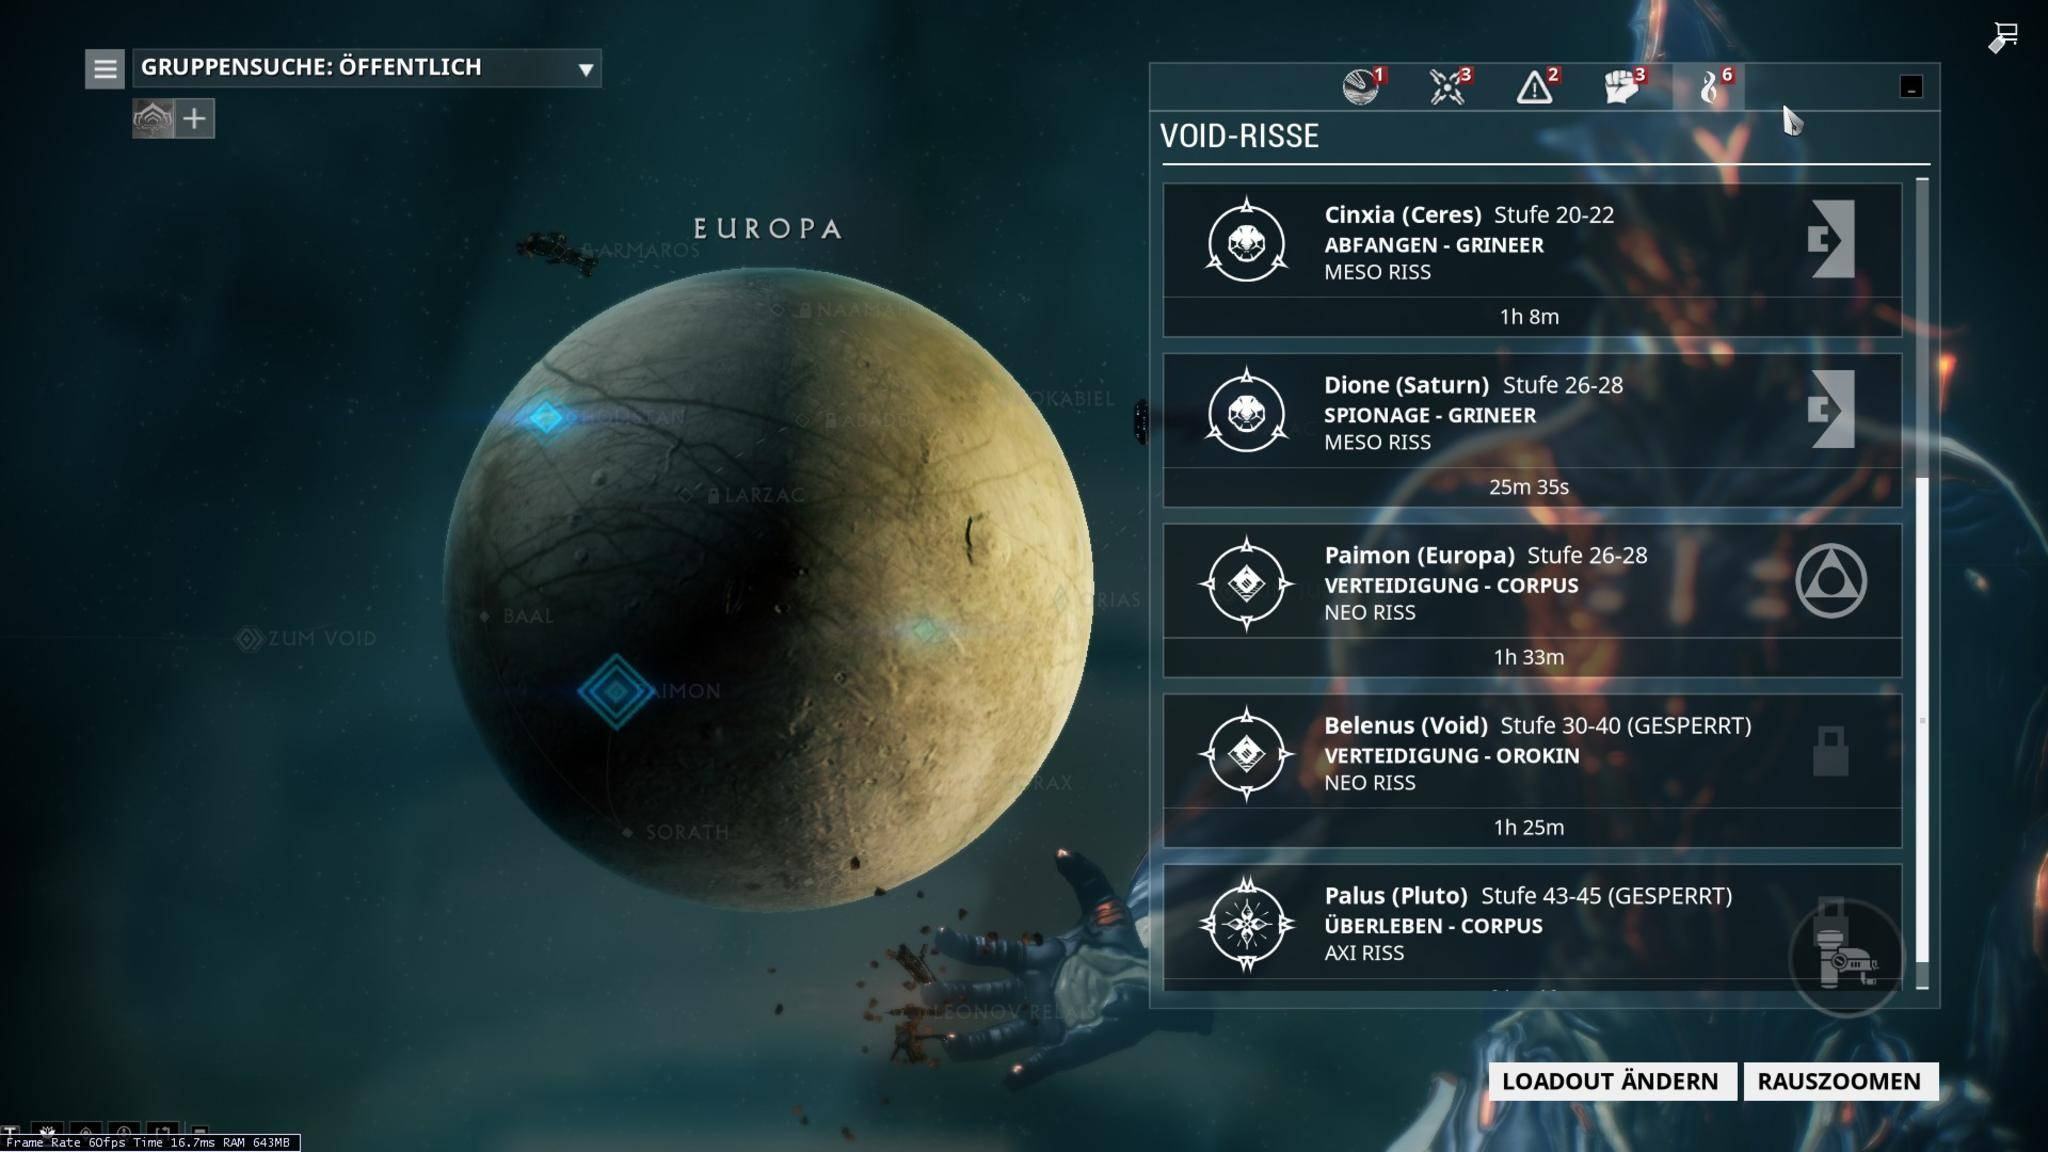 Die Sternenkarte zeigt: Diese Void-Riss-Missionen sind gerade verfügbar.